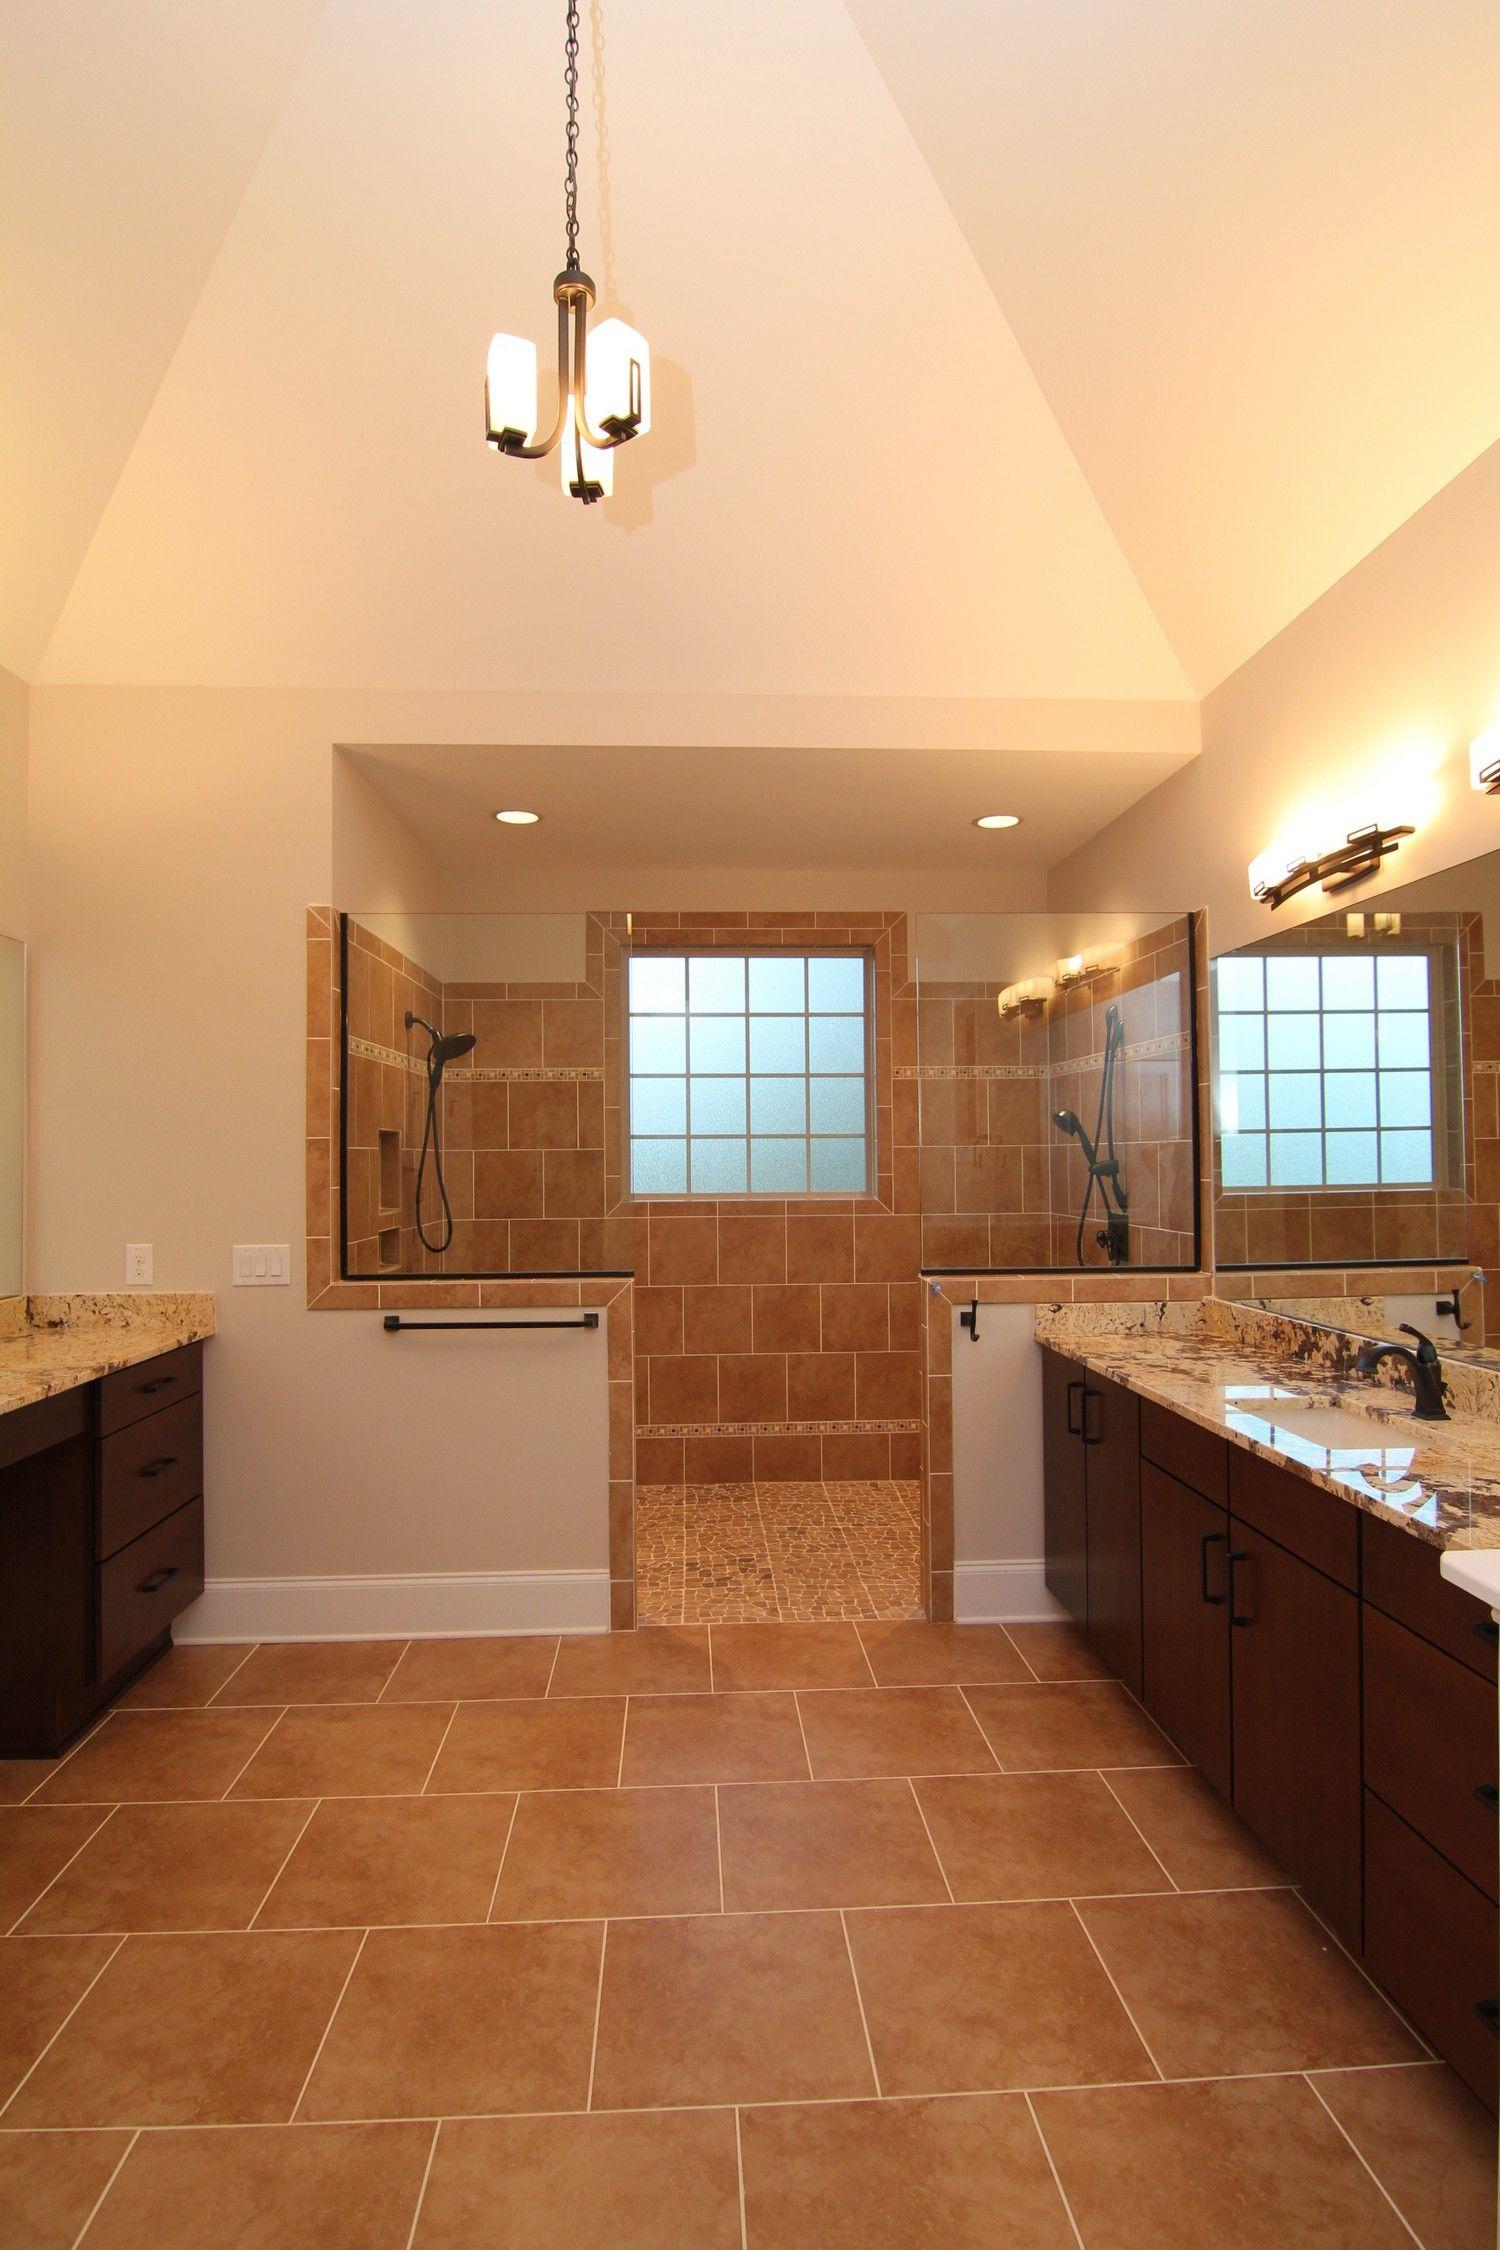 Handicap Bathroom Vine accessible homes features | handicap accessible home features